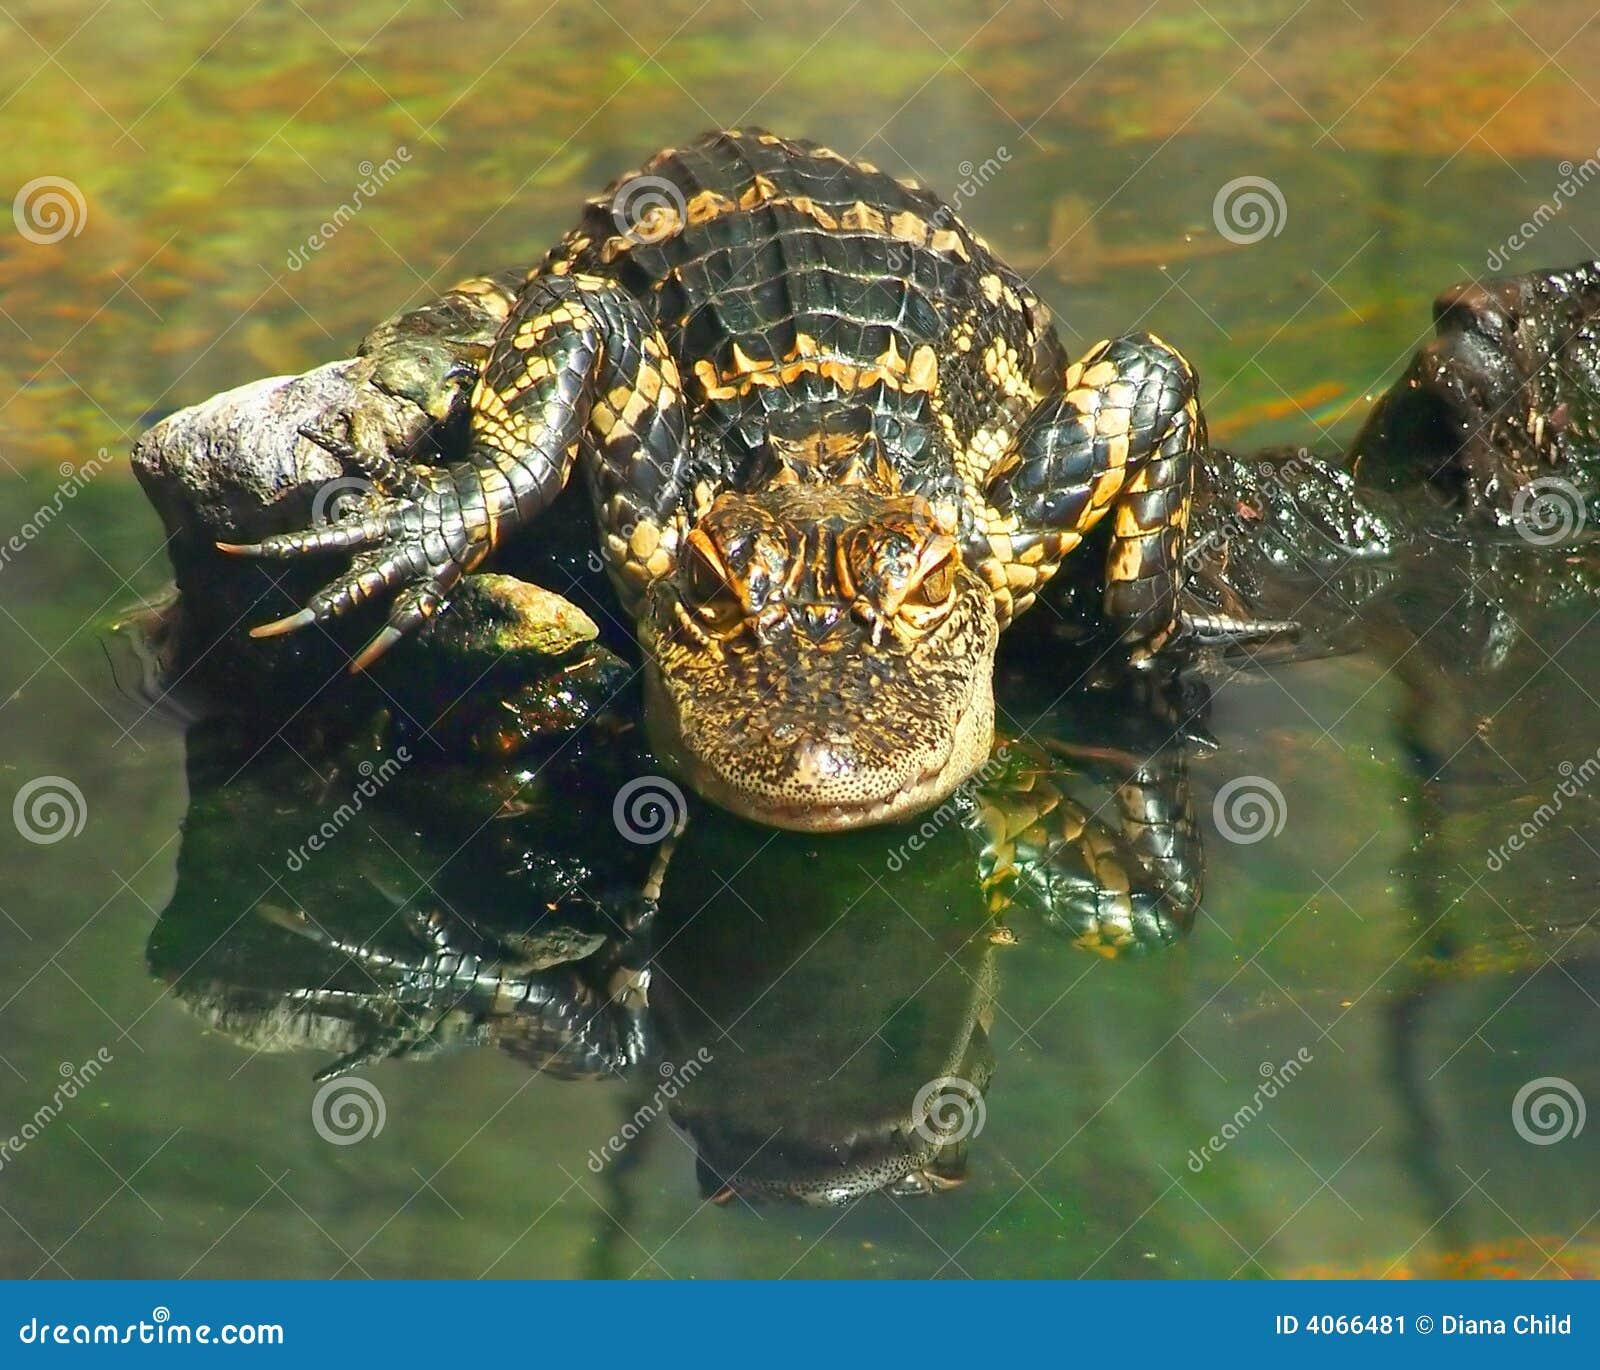 Gargoyle Gator